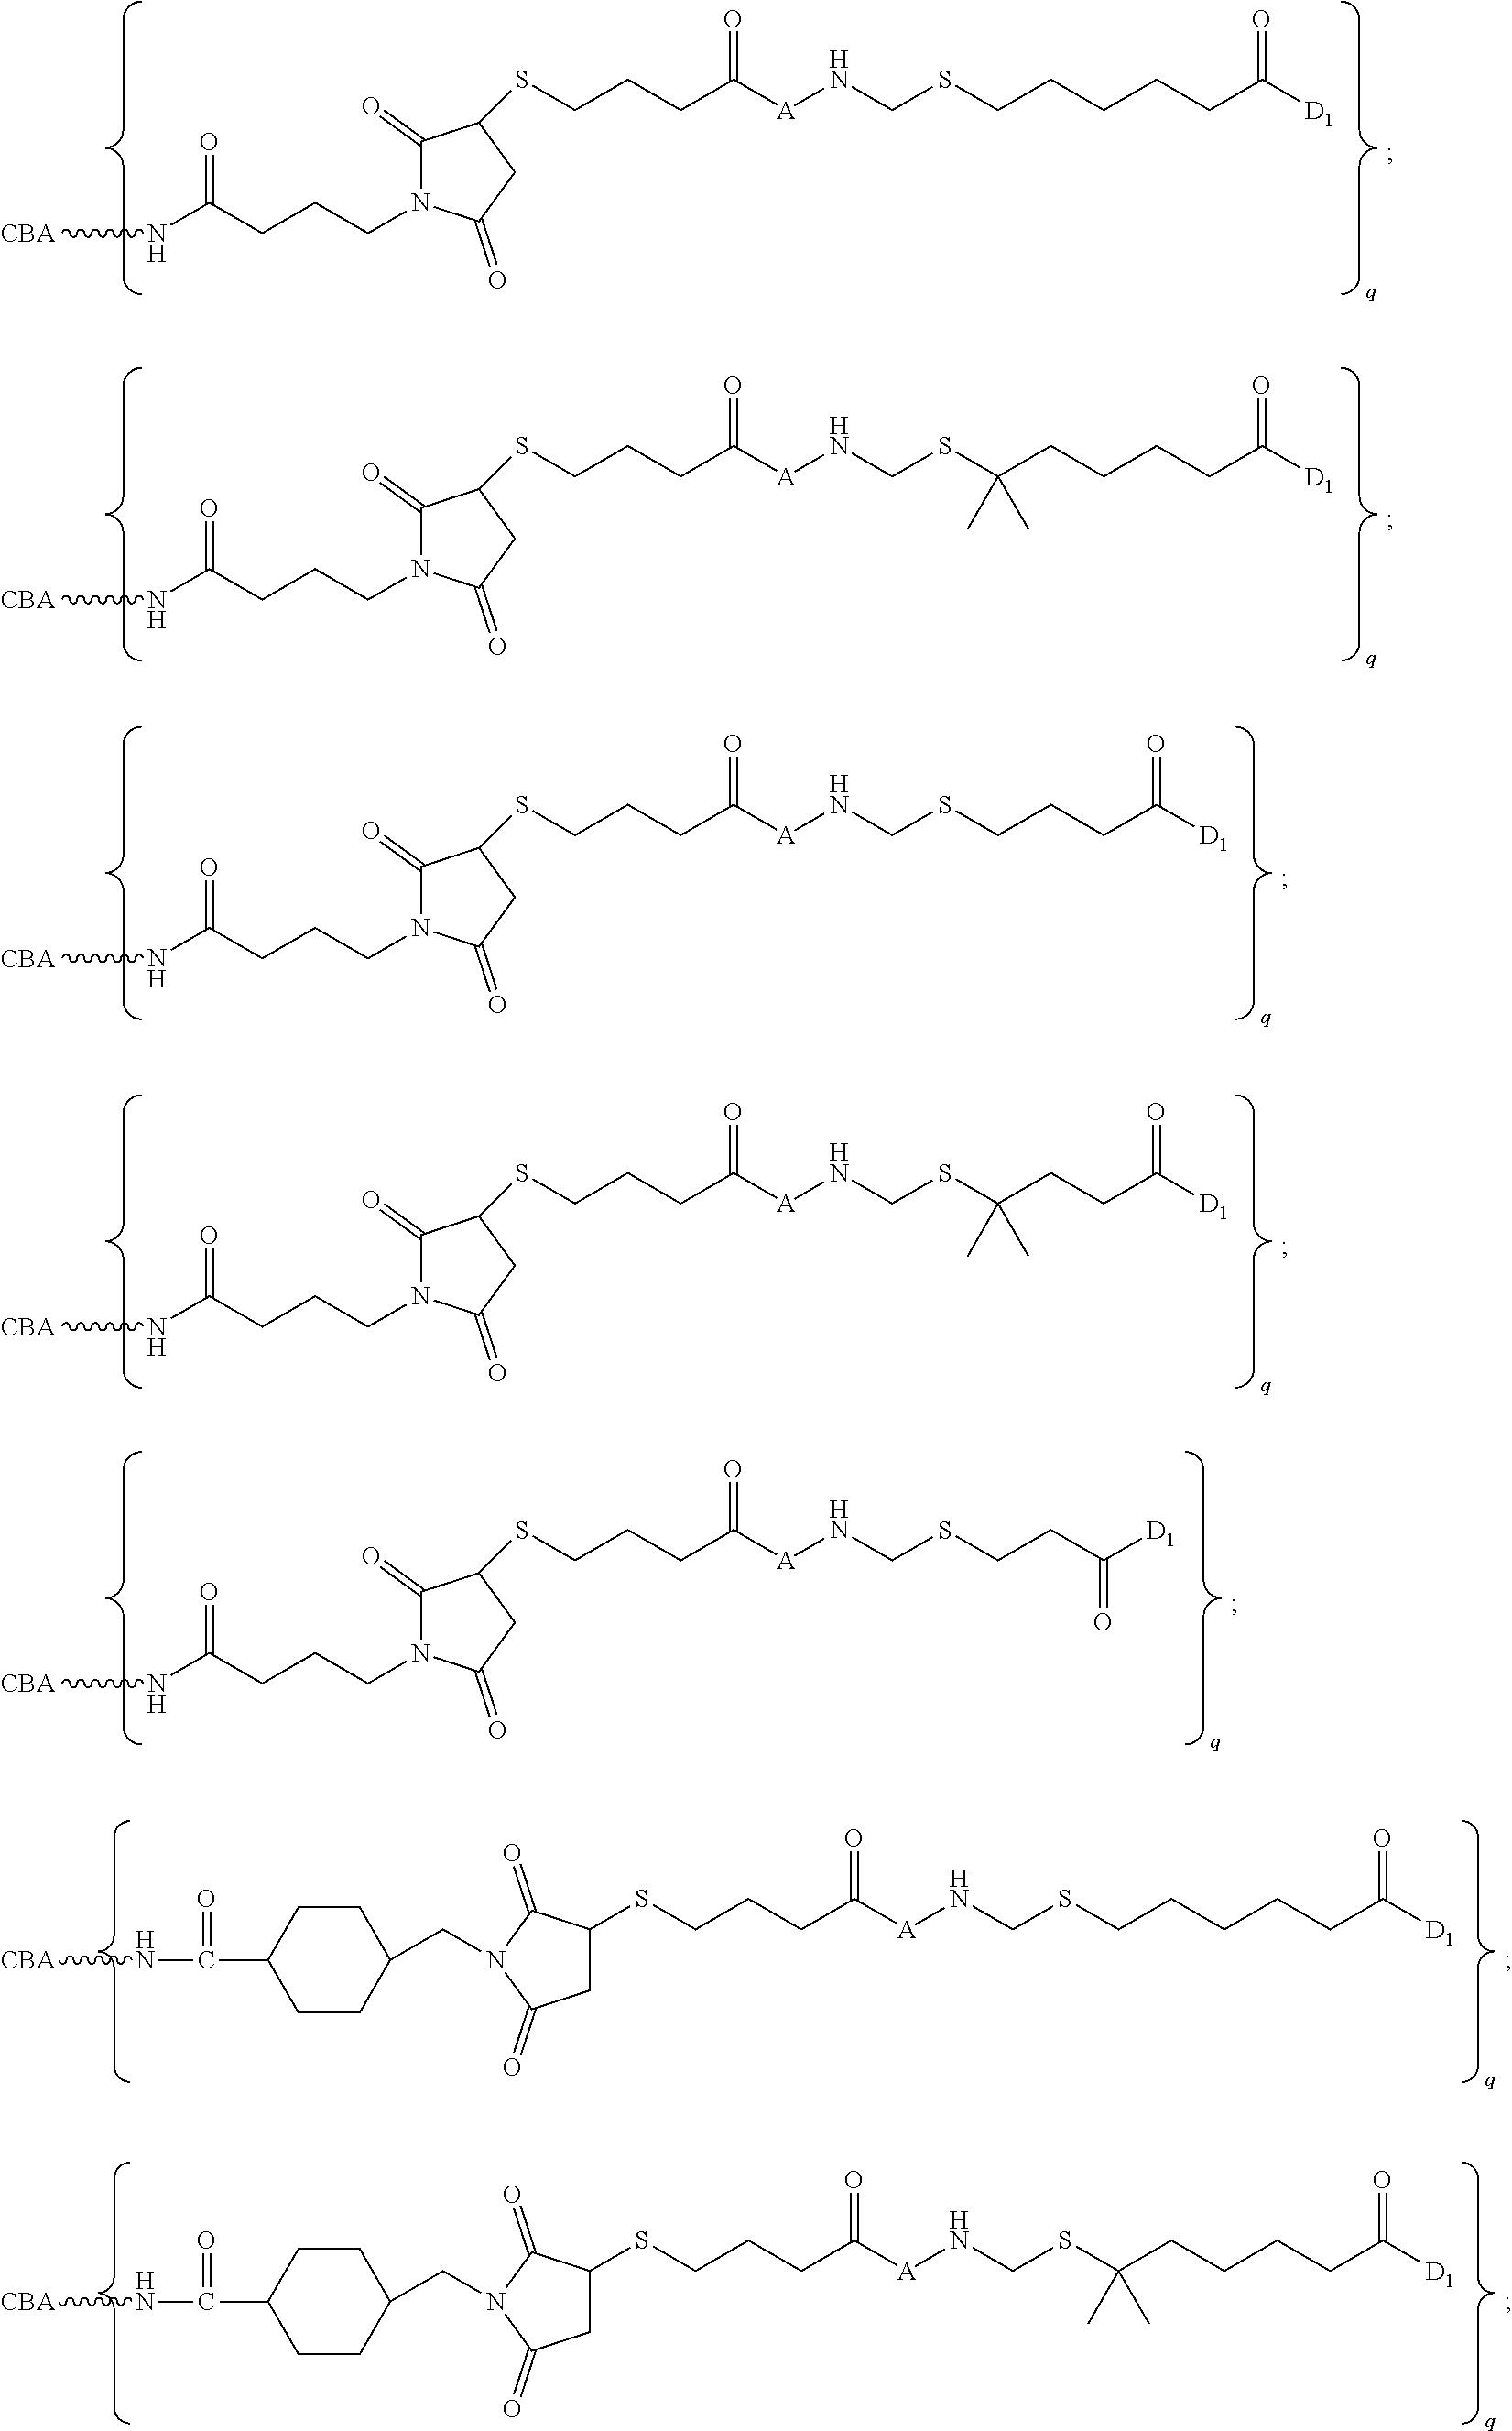 Figure US20180296694A1-20181018-C00104